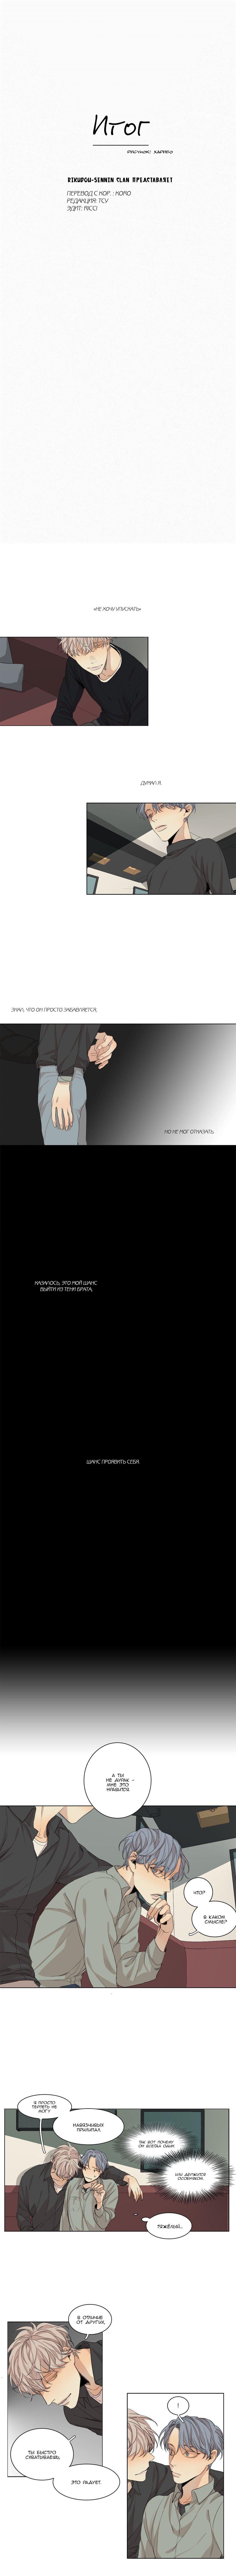 Манга Итог - Глава 39 Страница 1